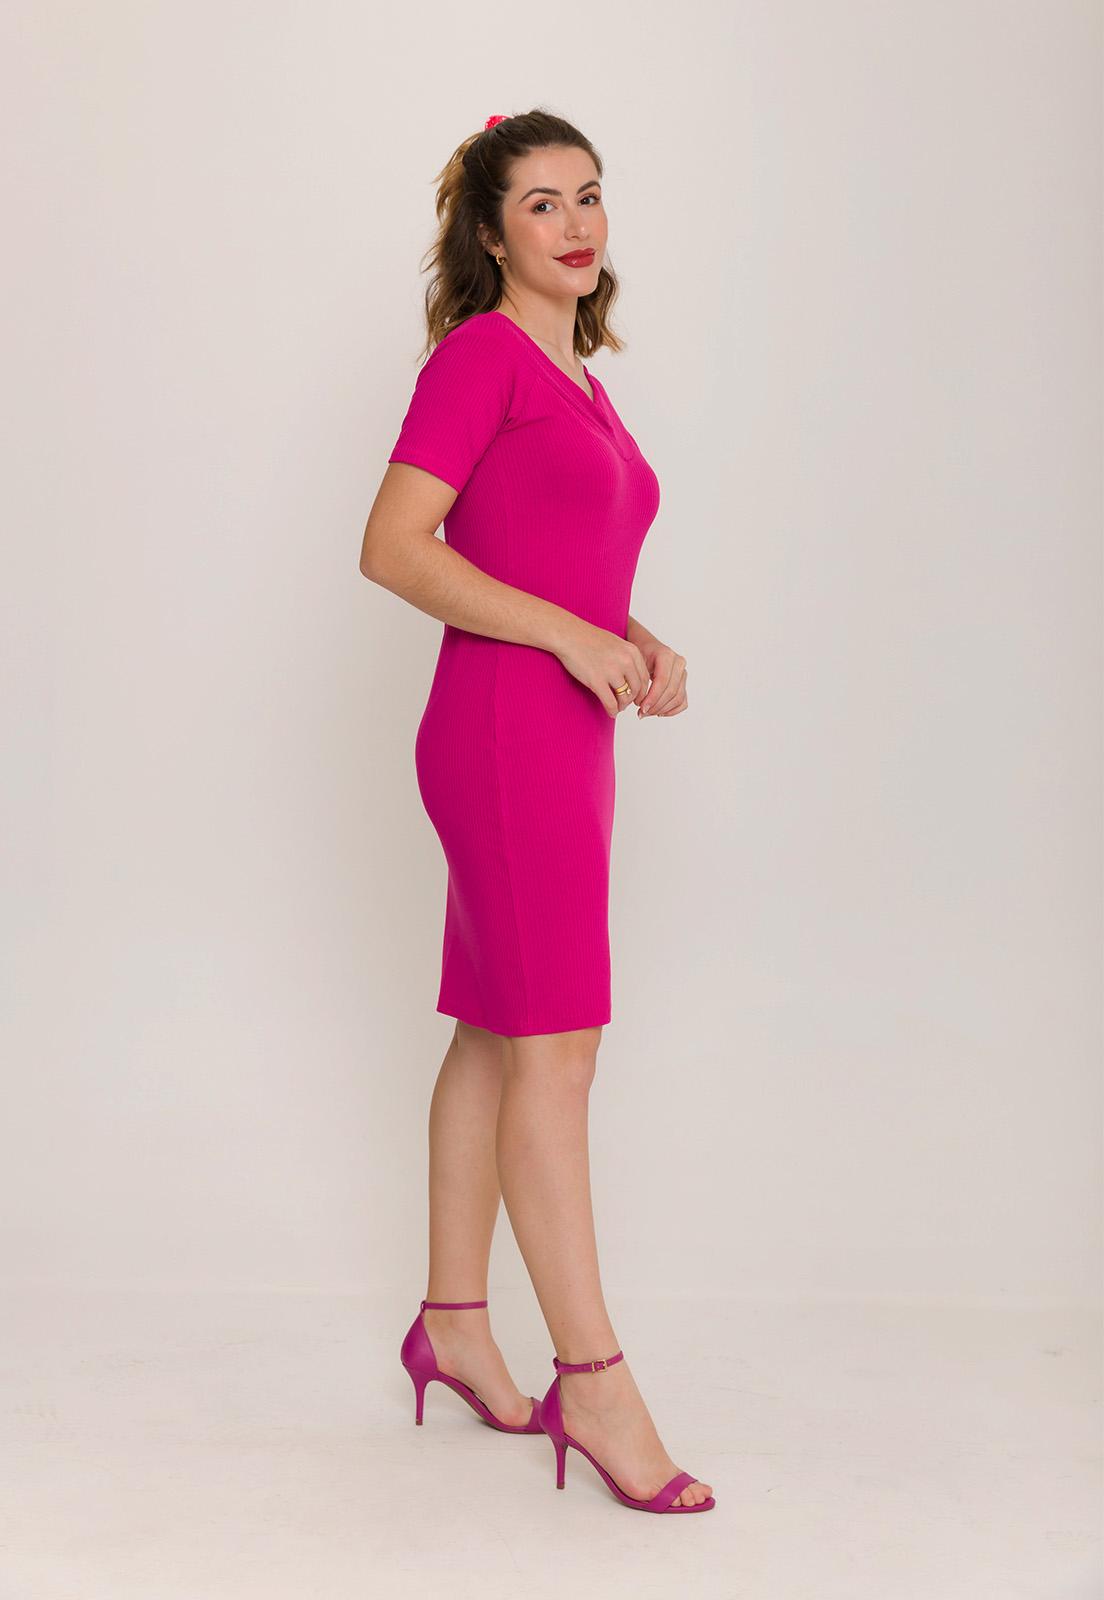 Vestido Canelado Decote V Pink